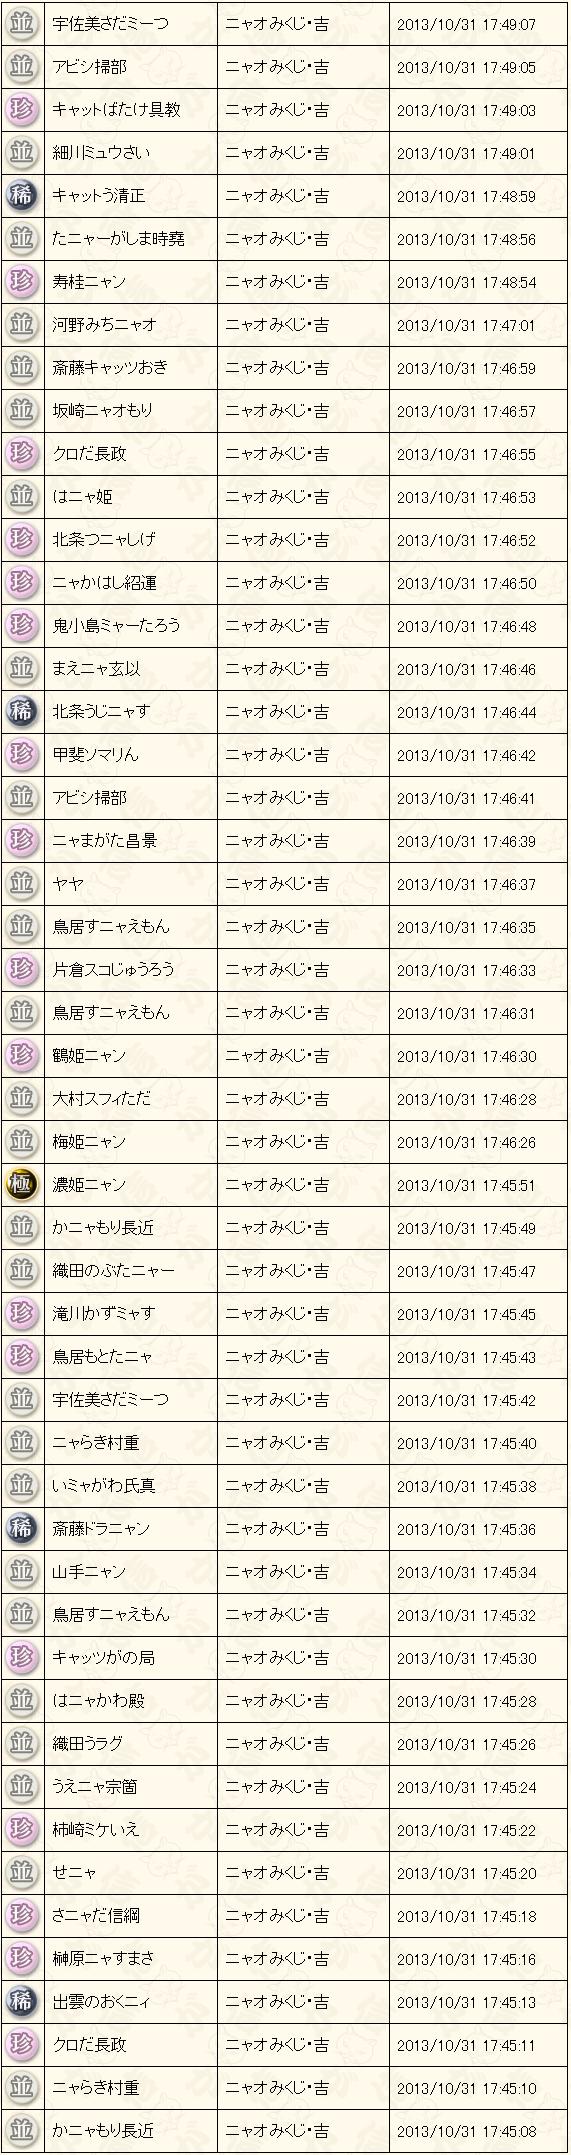 10月末くじ結果吉1